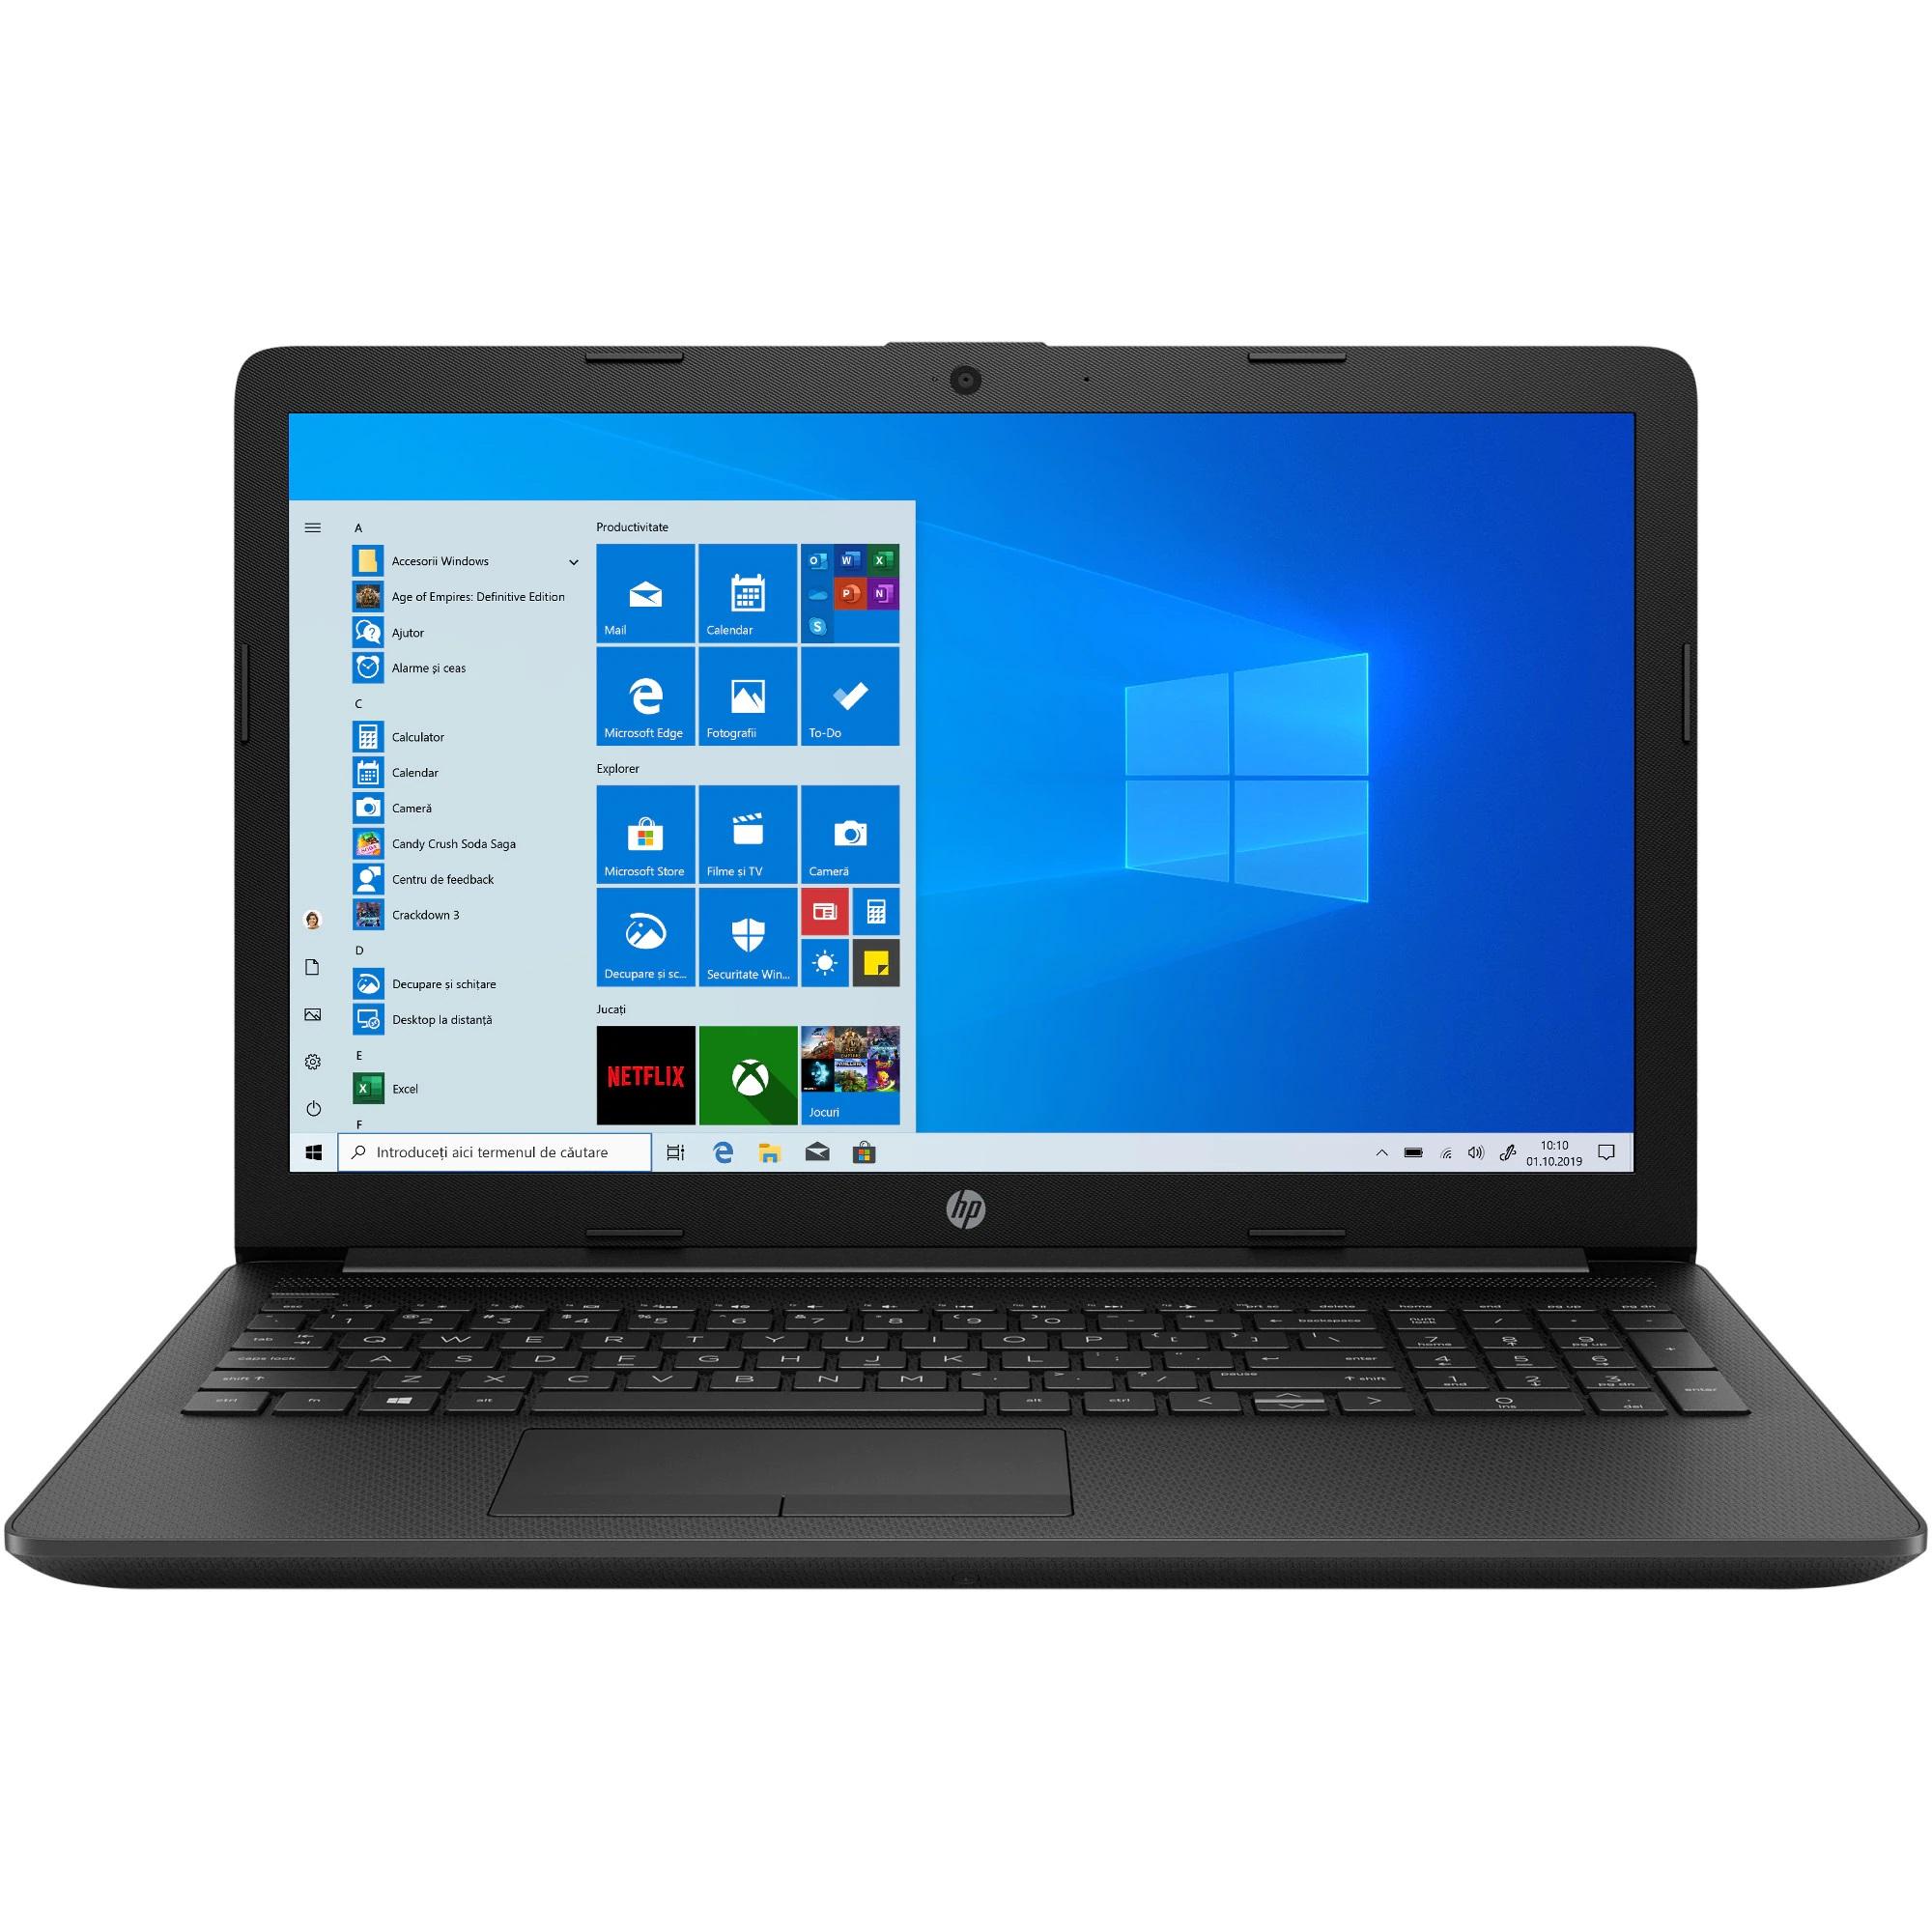 فروش نقدی و اقساطی لپ تاپ 15 اینچی اچ پی مدل 15db1100ny - J